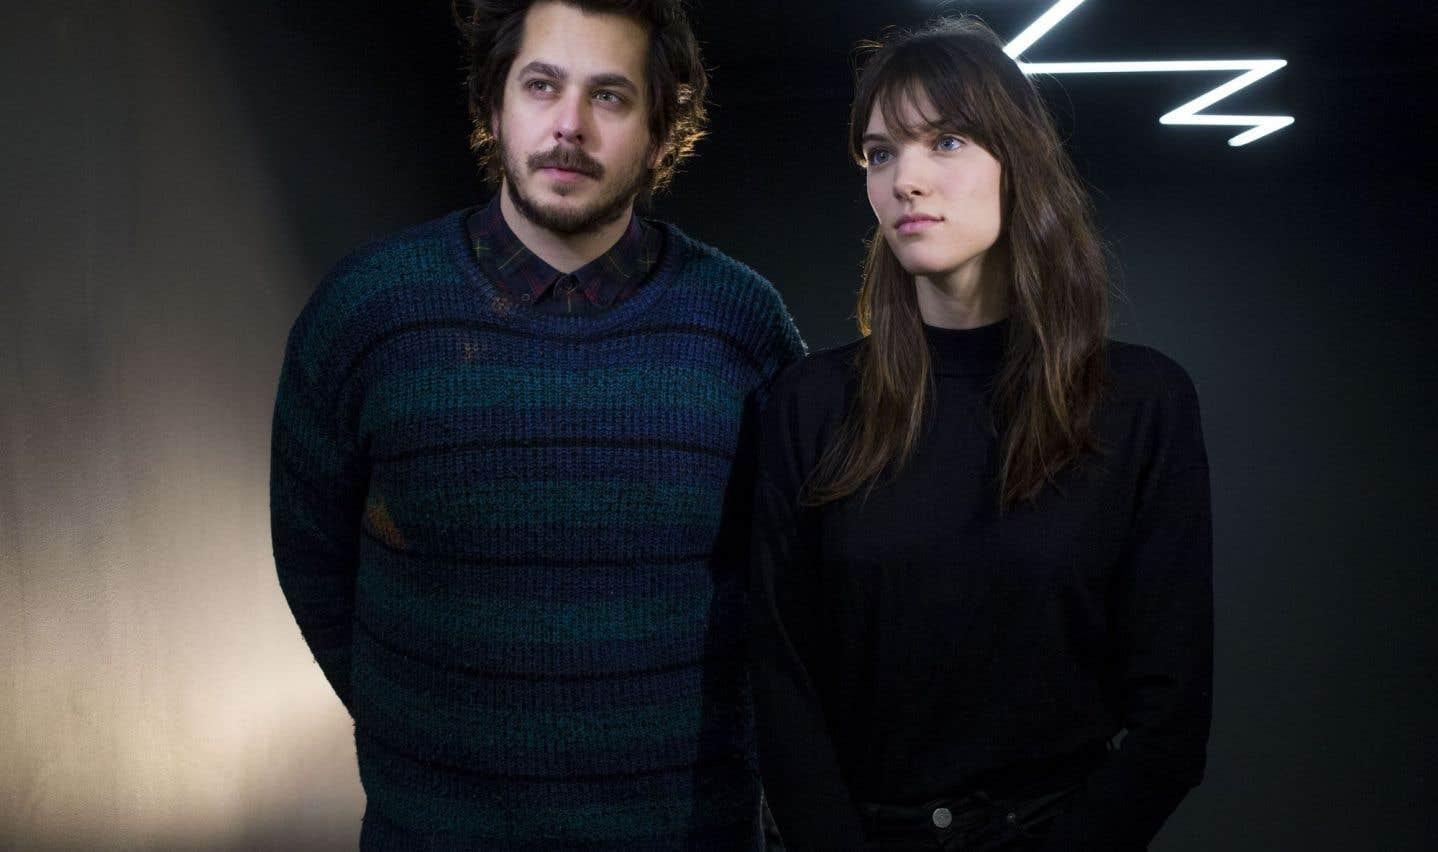 Charlotte Cardin et Matt Holubowski n'ont pas la même approche. Elle propose une pop électronique lente traversée de jazz, de rap et de soul, lui un folk moderne aux influences de Bon Iver et Patrick Watson.